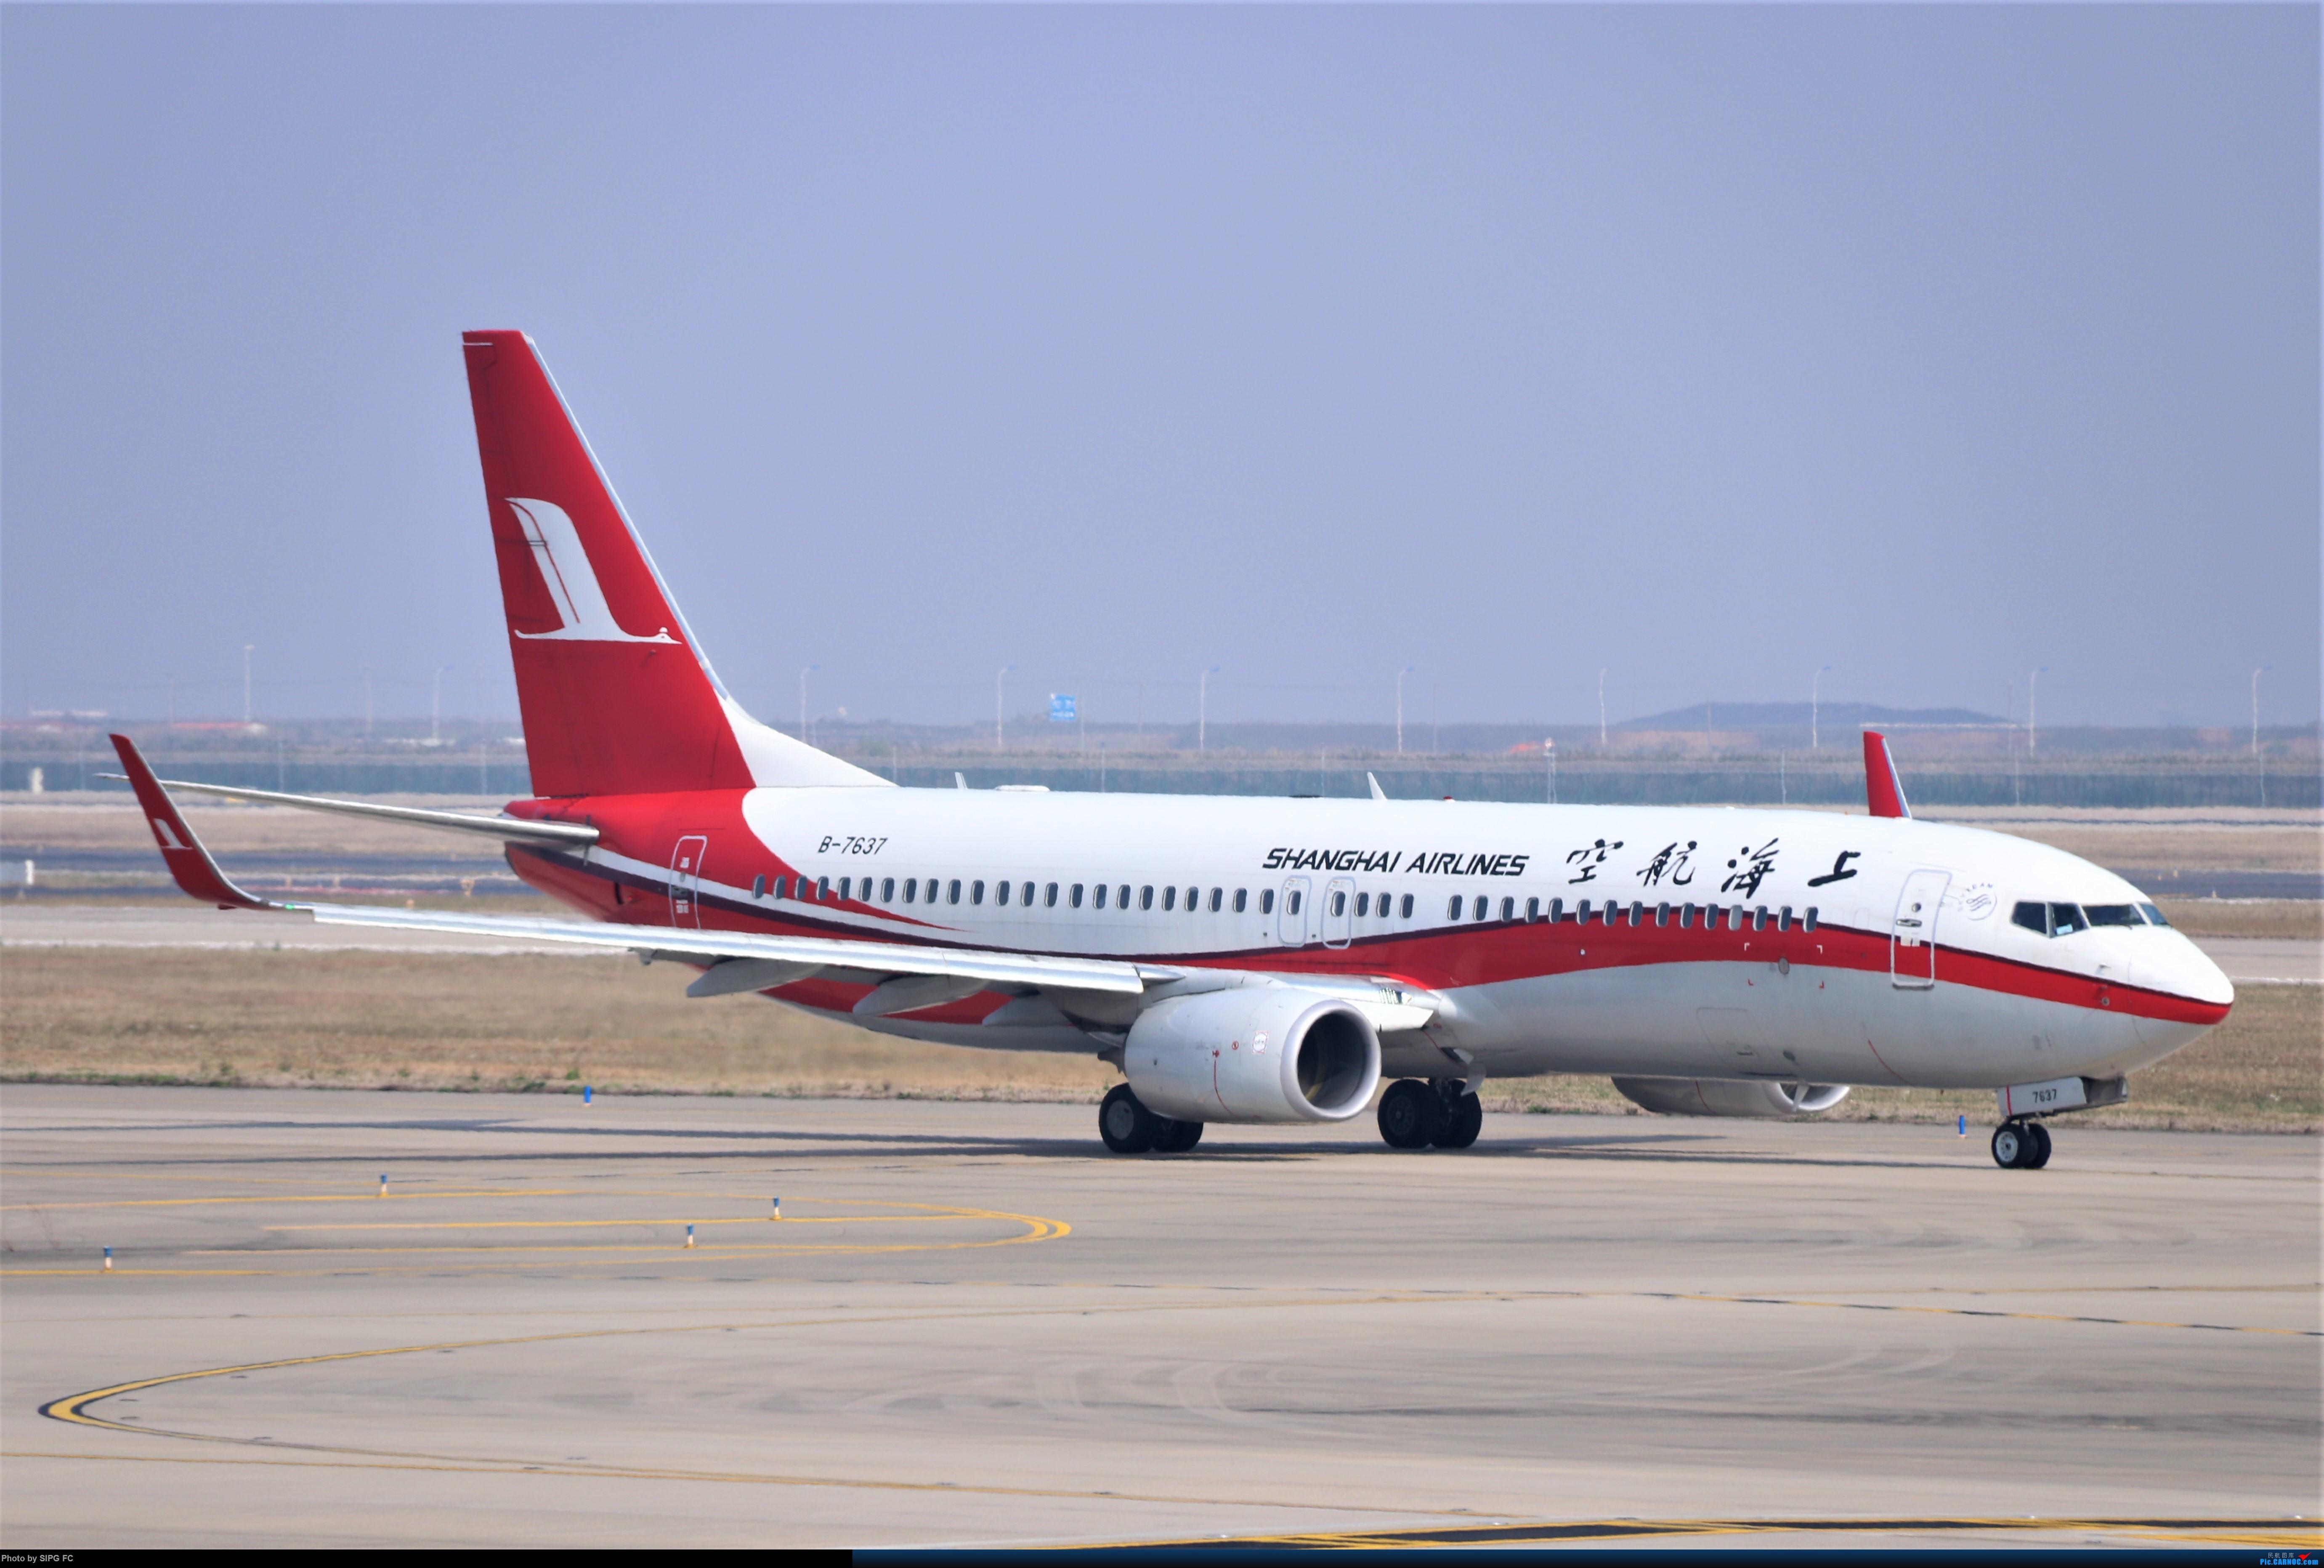 Re:[原创]清晨浓雾散去后繁忙的浦东机场 BOEING 737-800 B-7637 中国上海浦东国际机场